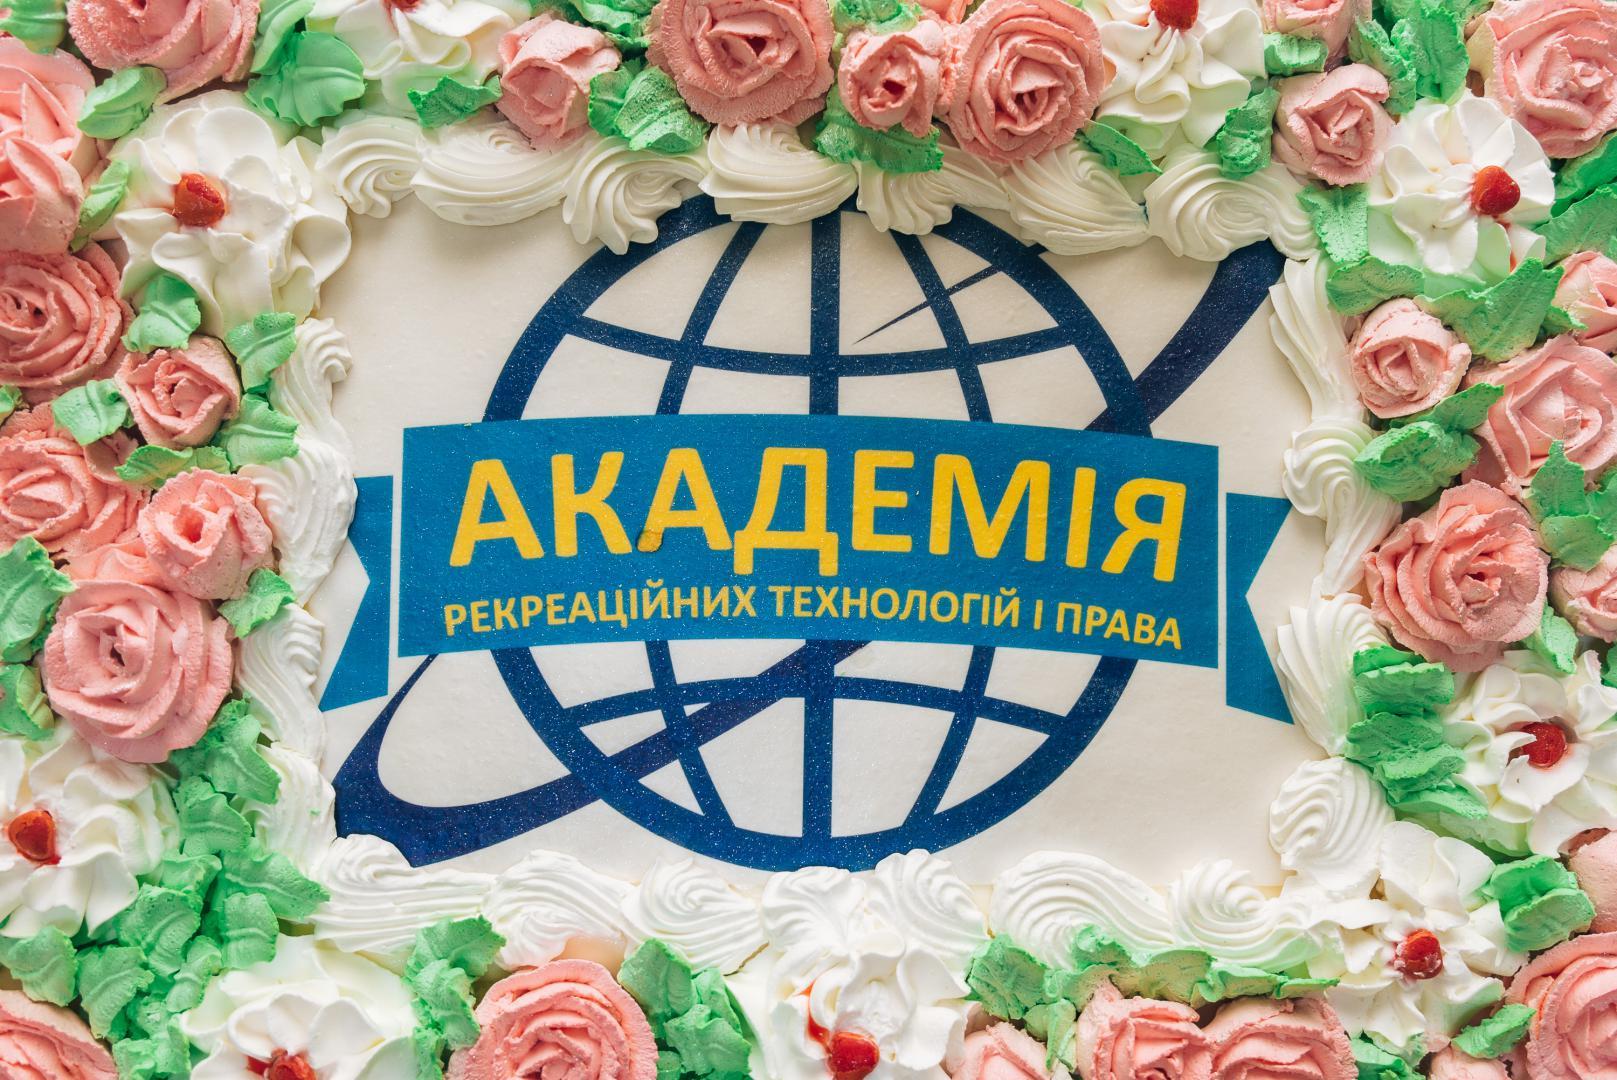 5 червня 2021 року Академія рекреаційних технологій і права святкує день народження